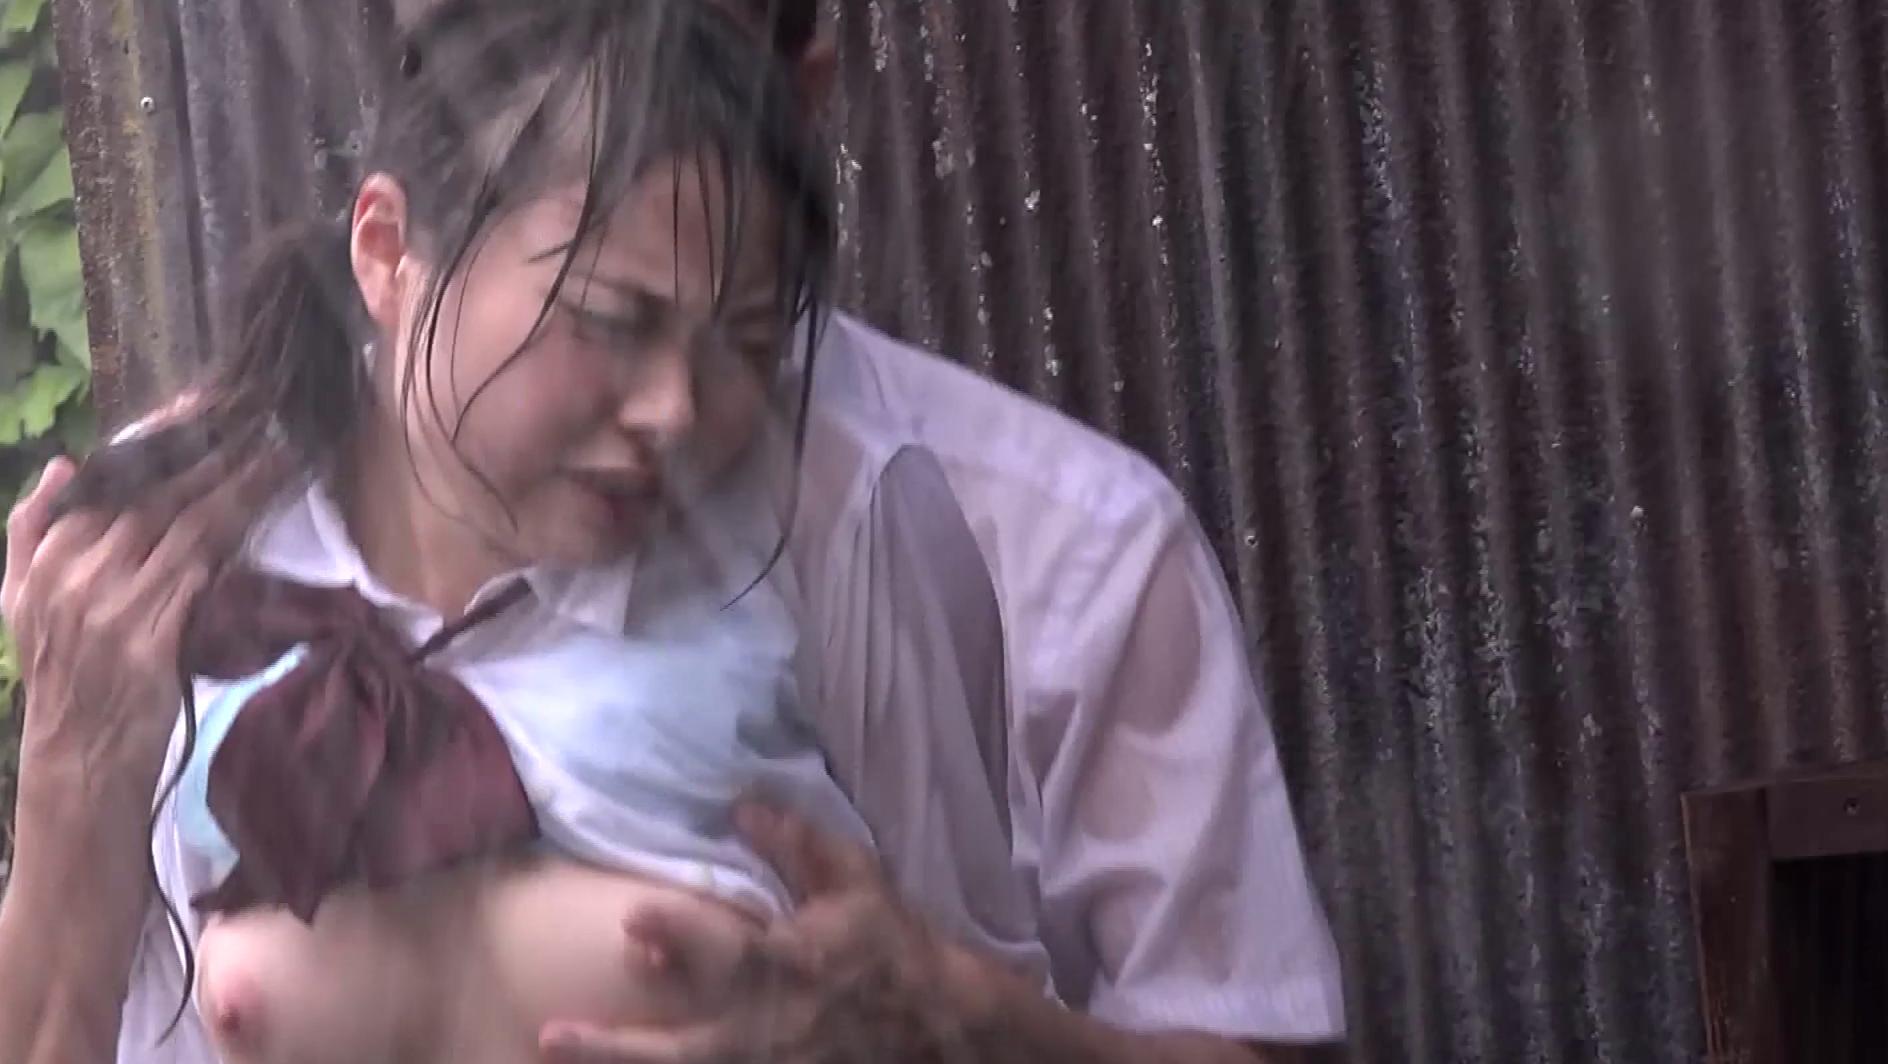 【悲報】どしゃぶりの雨の中レ●プ被害に遭った女の子が悲惨すぎる。(画像あり)・8枚目